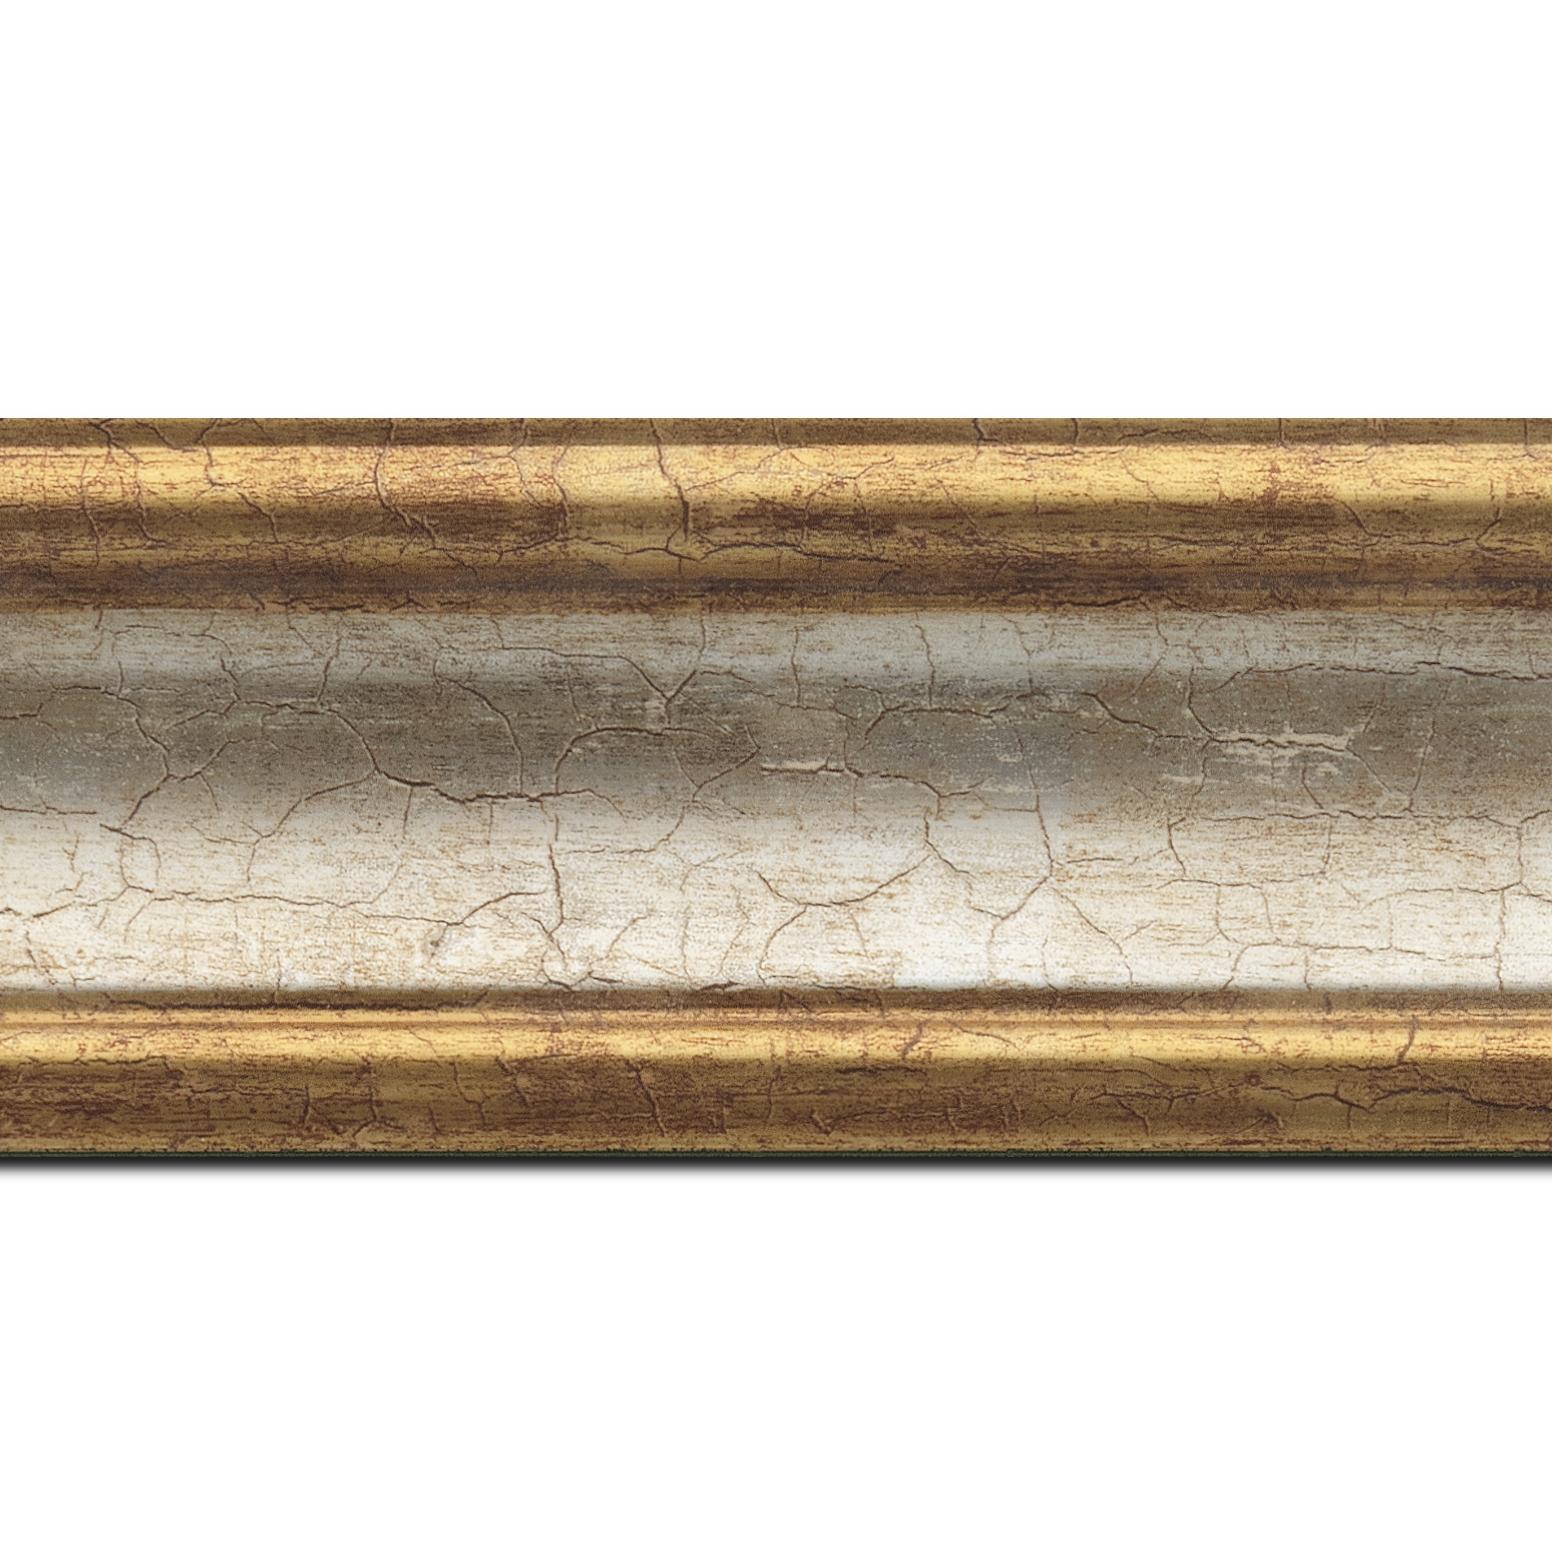 Baguette longueur 1.40m bois profil incurvé largeur 7cm gorge argent chaud craquelé bord or craquelé